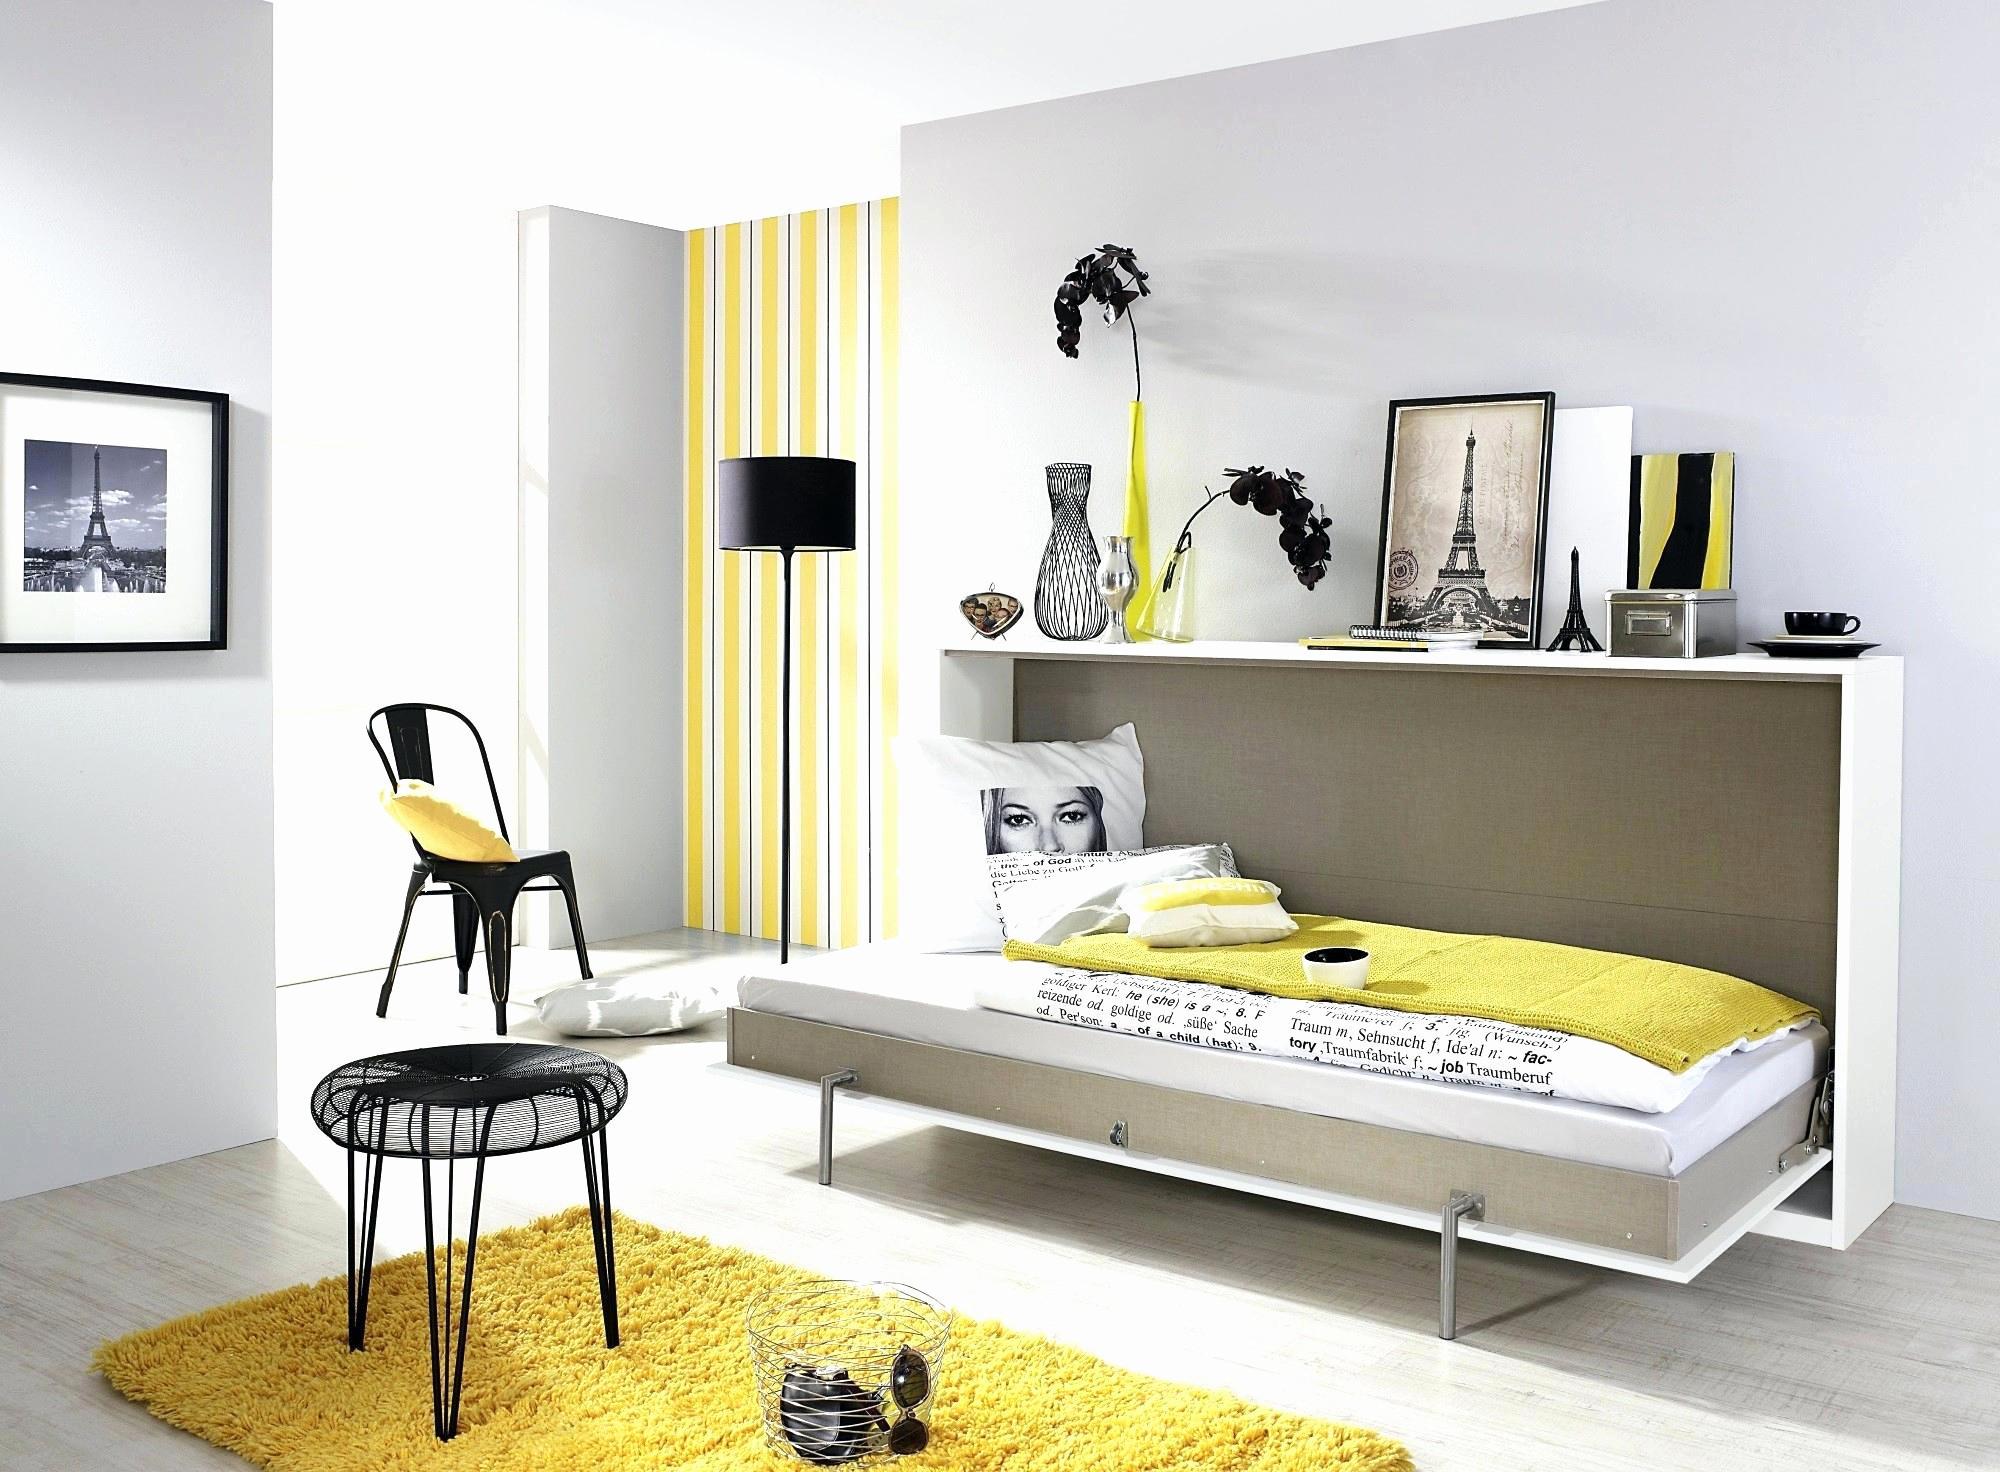 meuble d angle tele meuble d angle tv bois meuble d angle noir meubles de salon blanc of meuble d angle tele 1